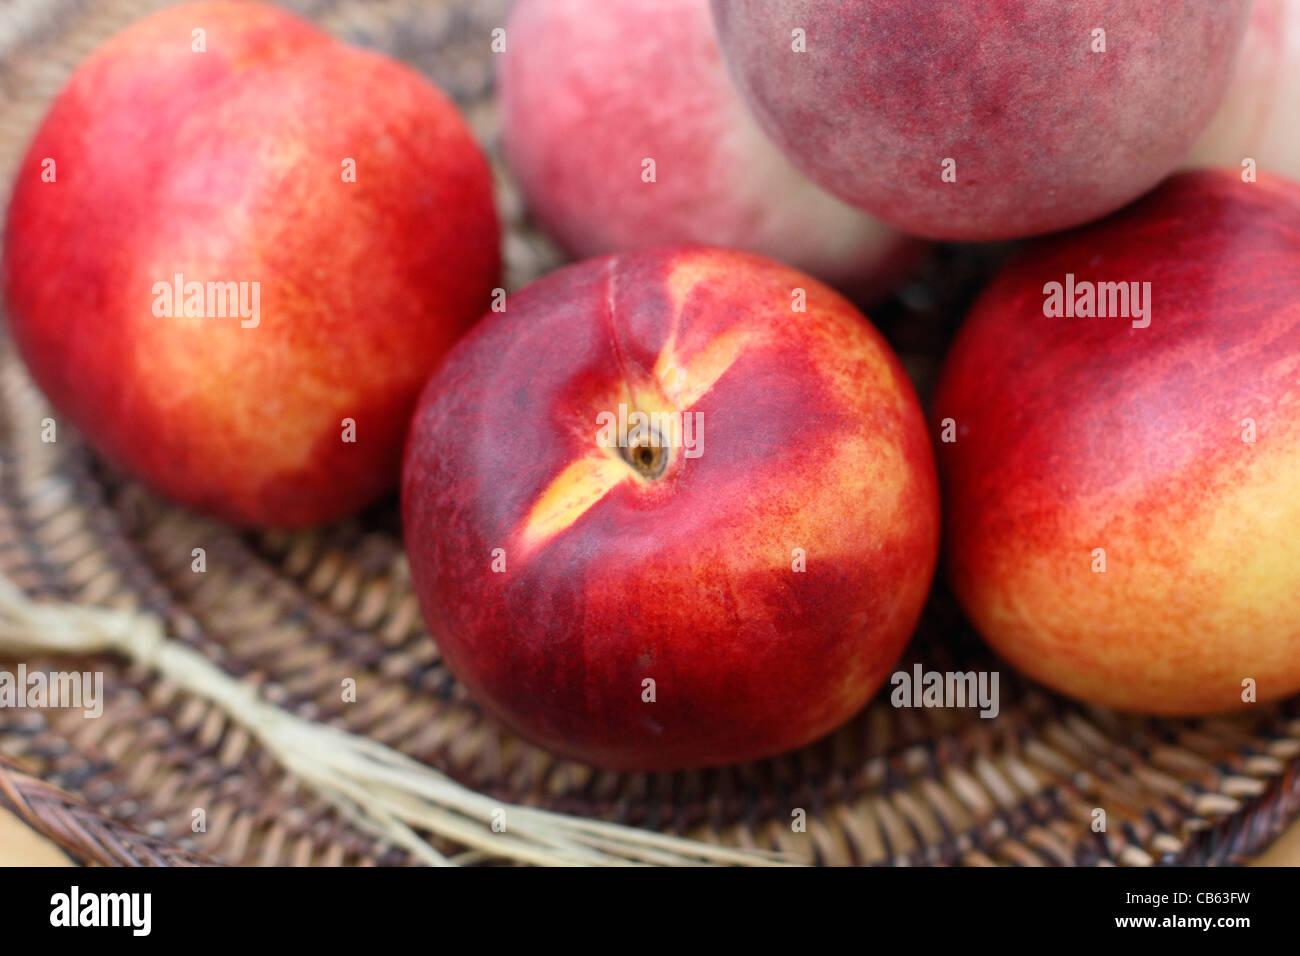 Ripe fresh nectarines - Stock Image